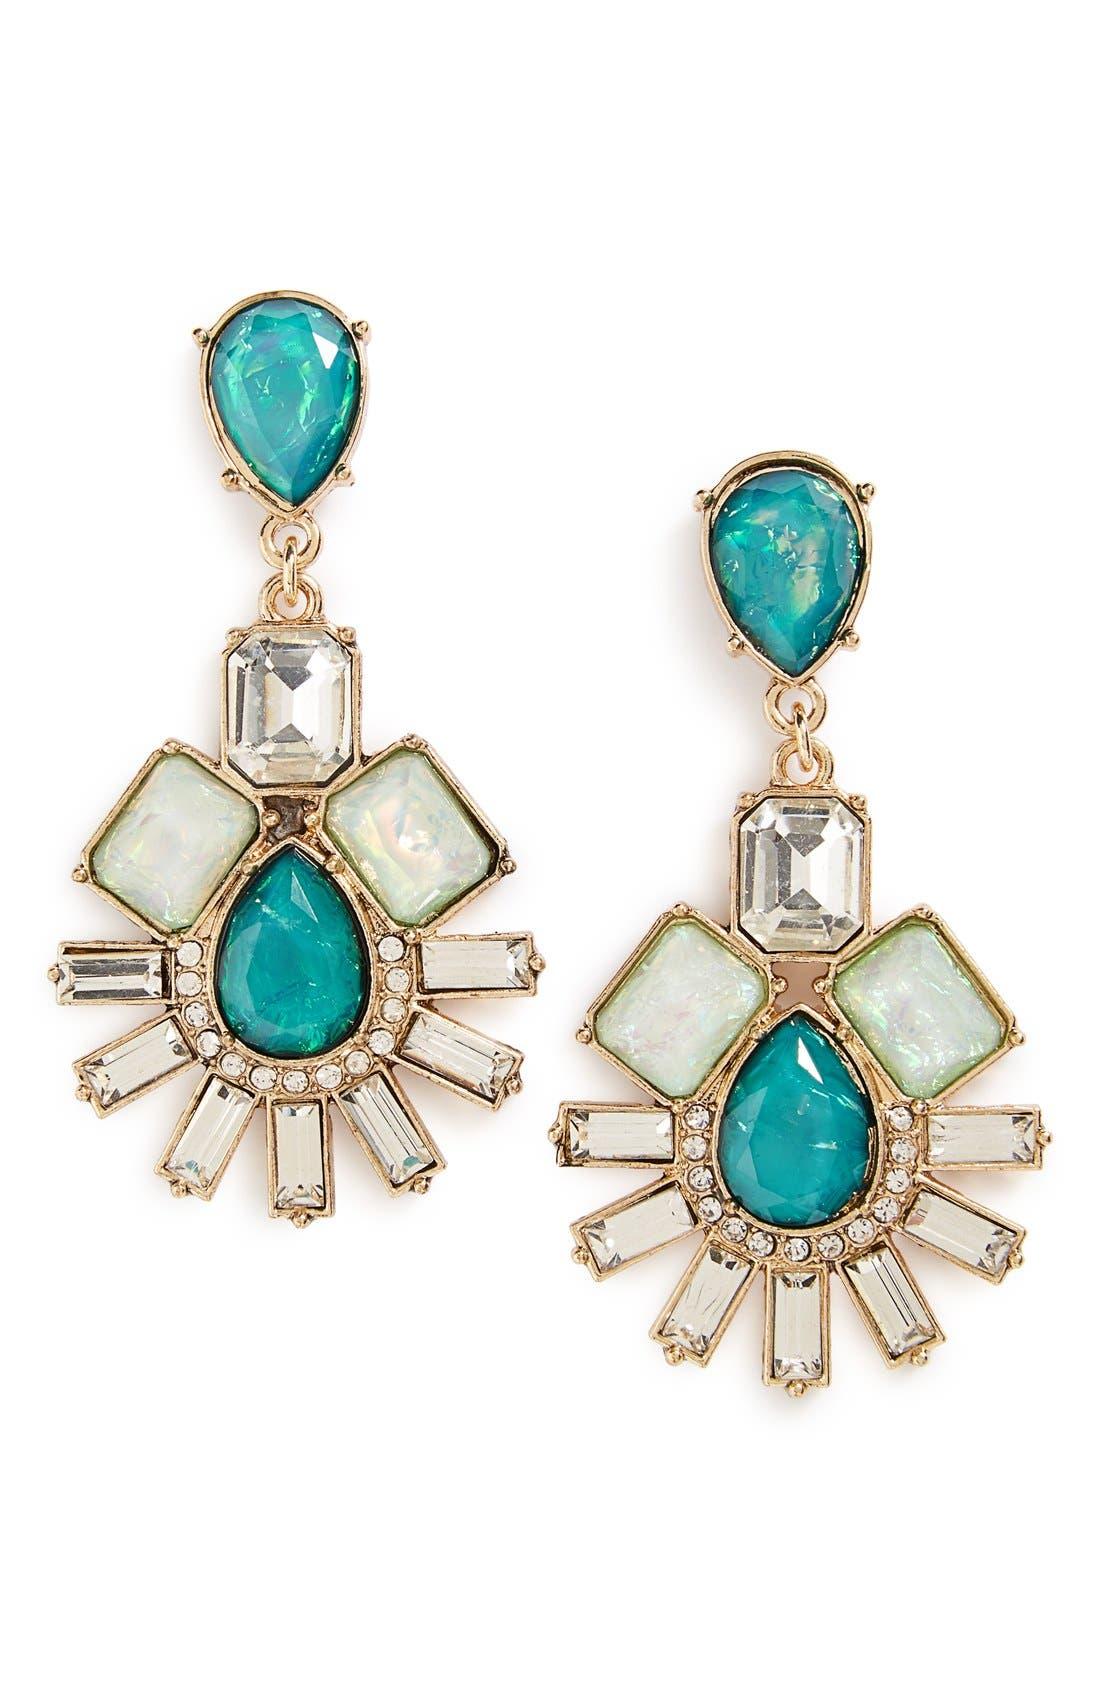 Alternate Image 1 Selected - BP. Teardrop Crystal Statement Earrings